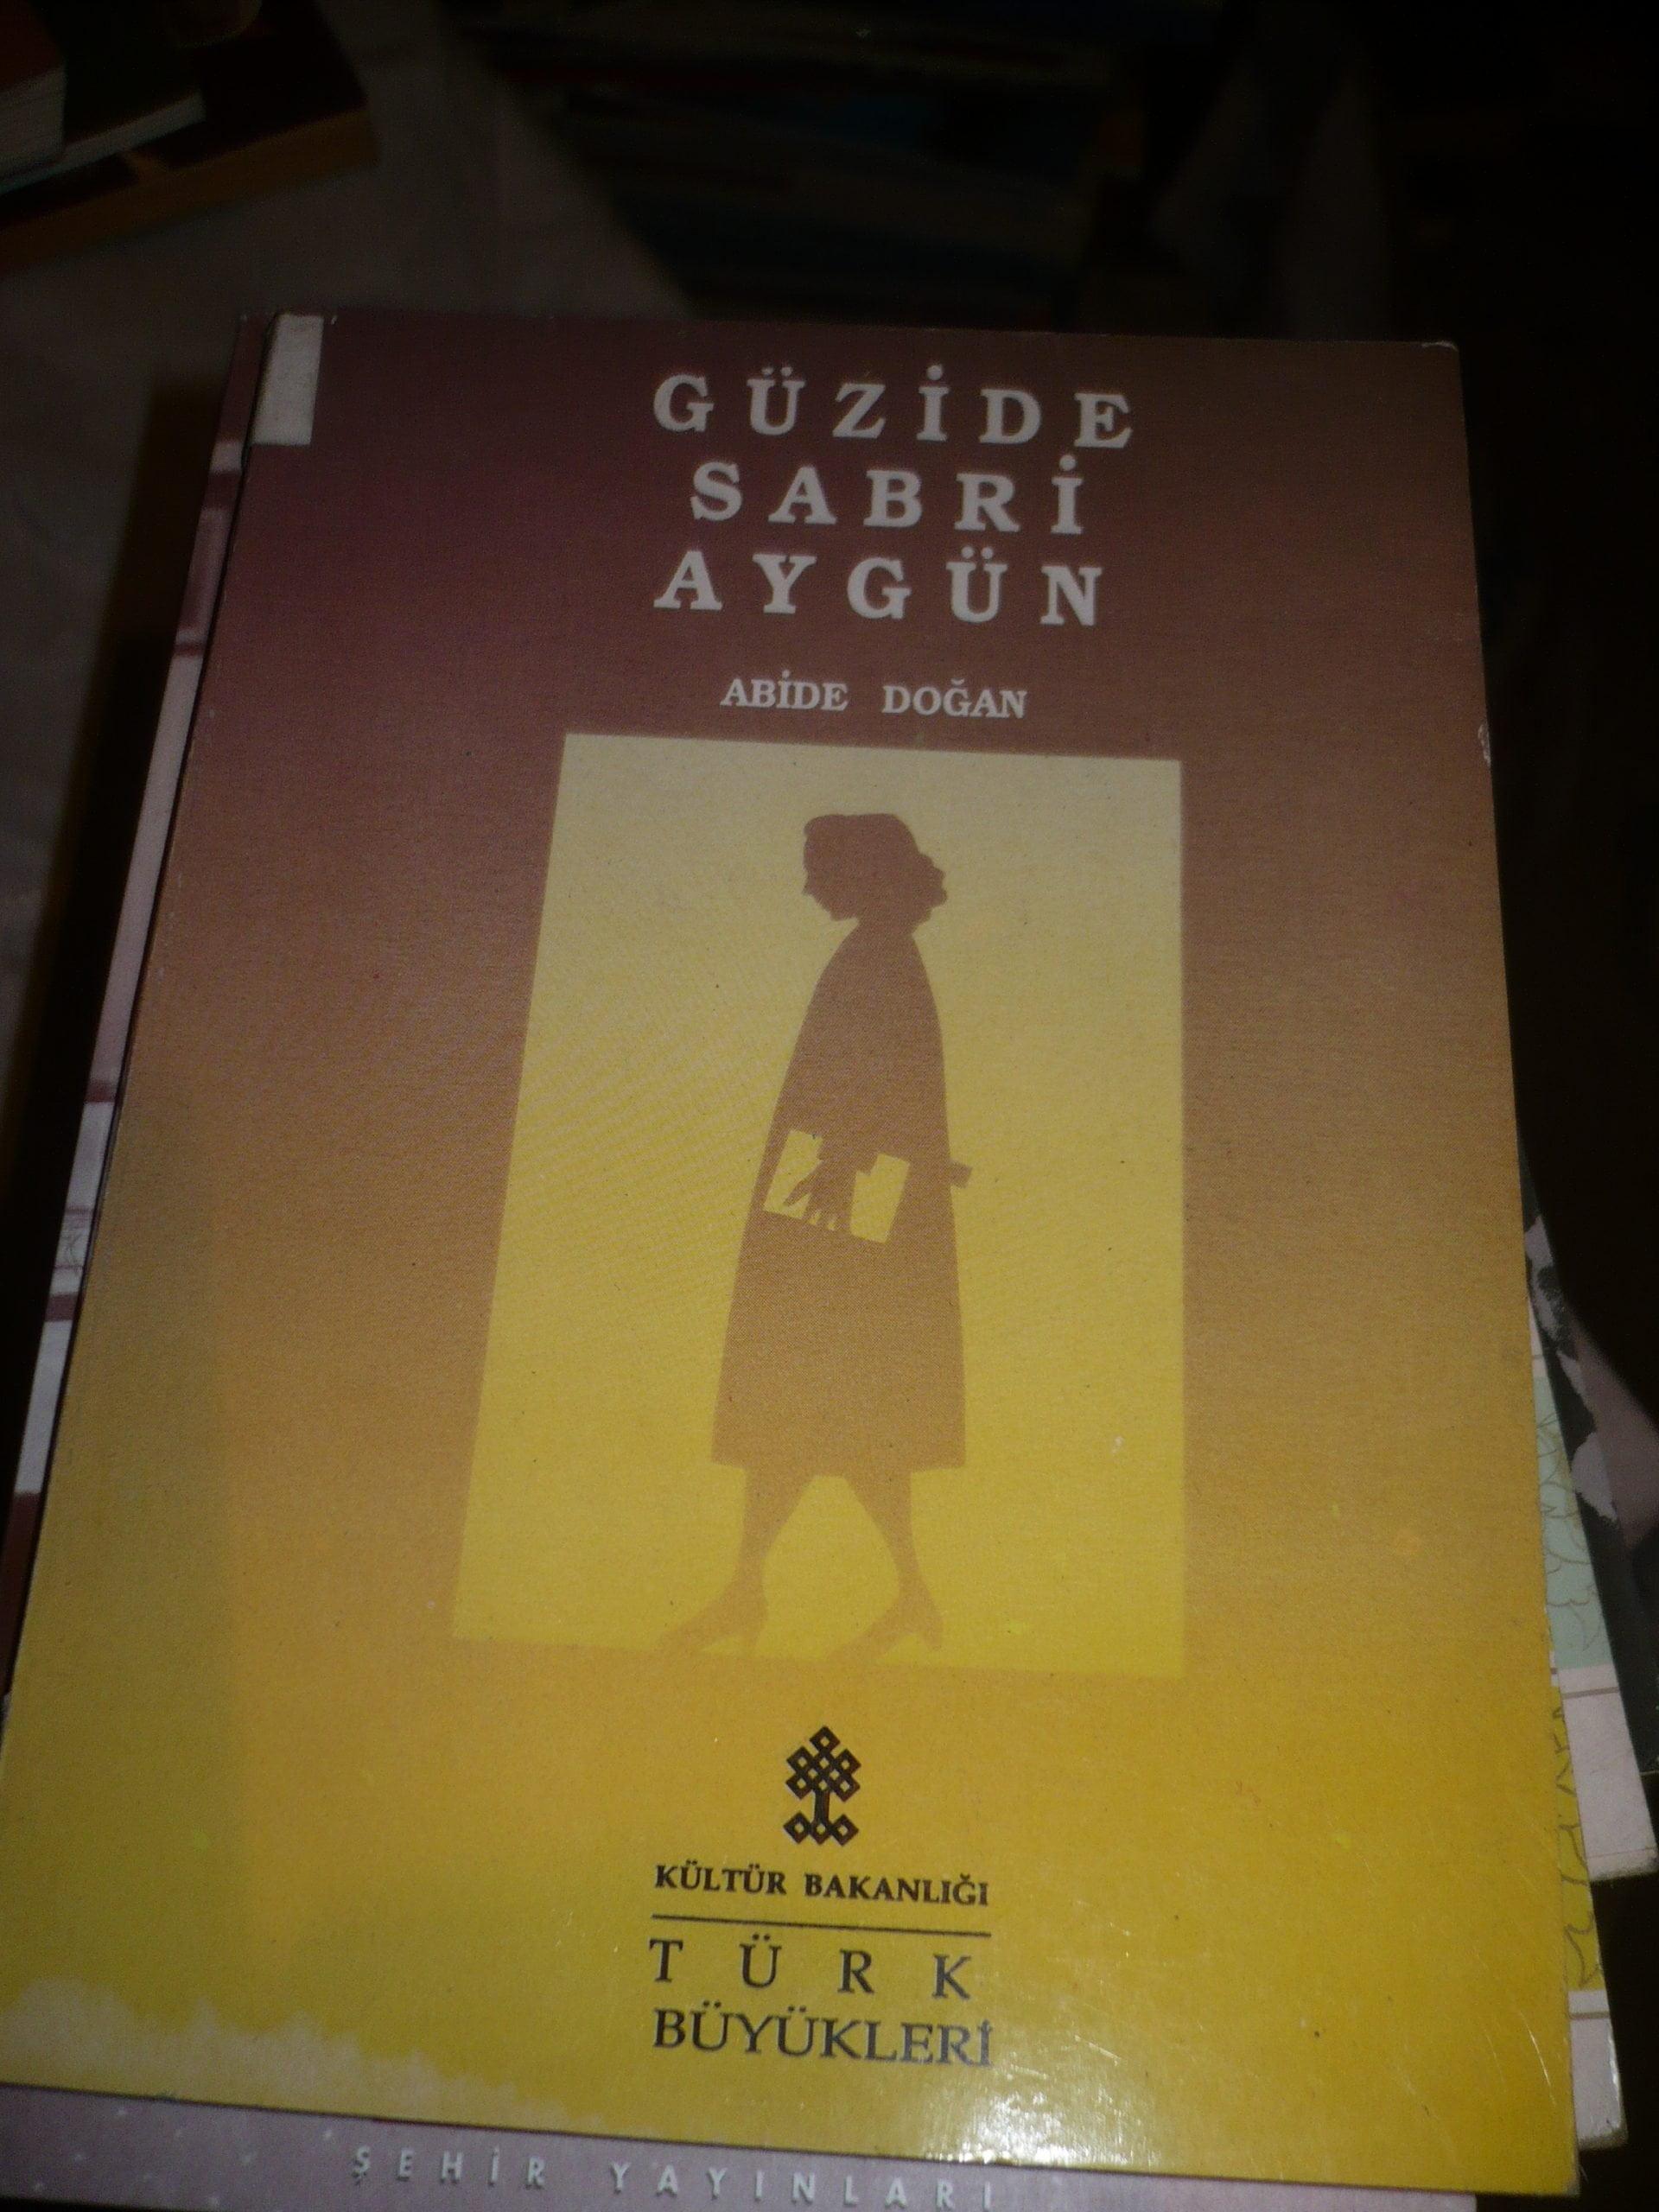 GÜZİDE SABRİ AYGÜN/Abide DOĞAN/10 TL